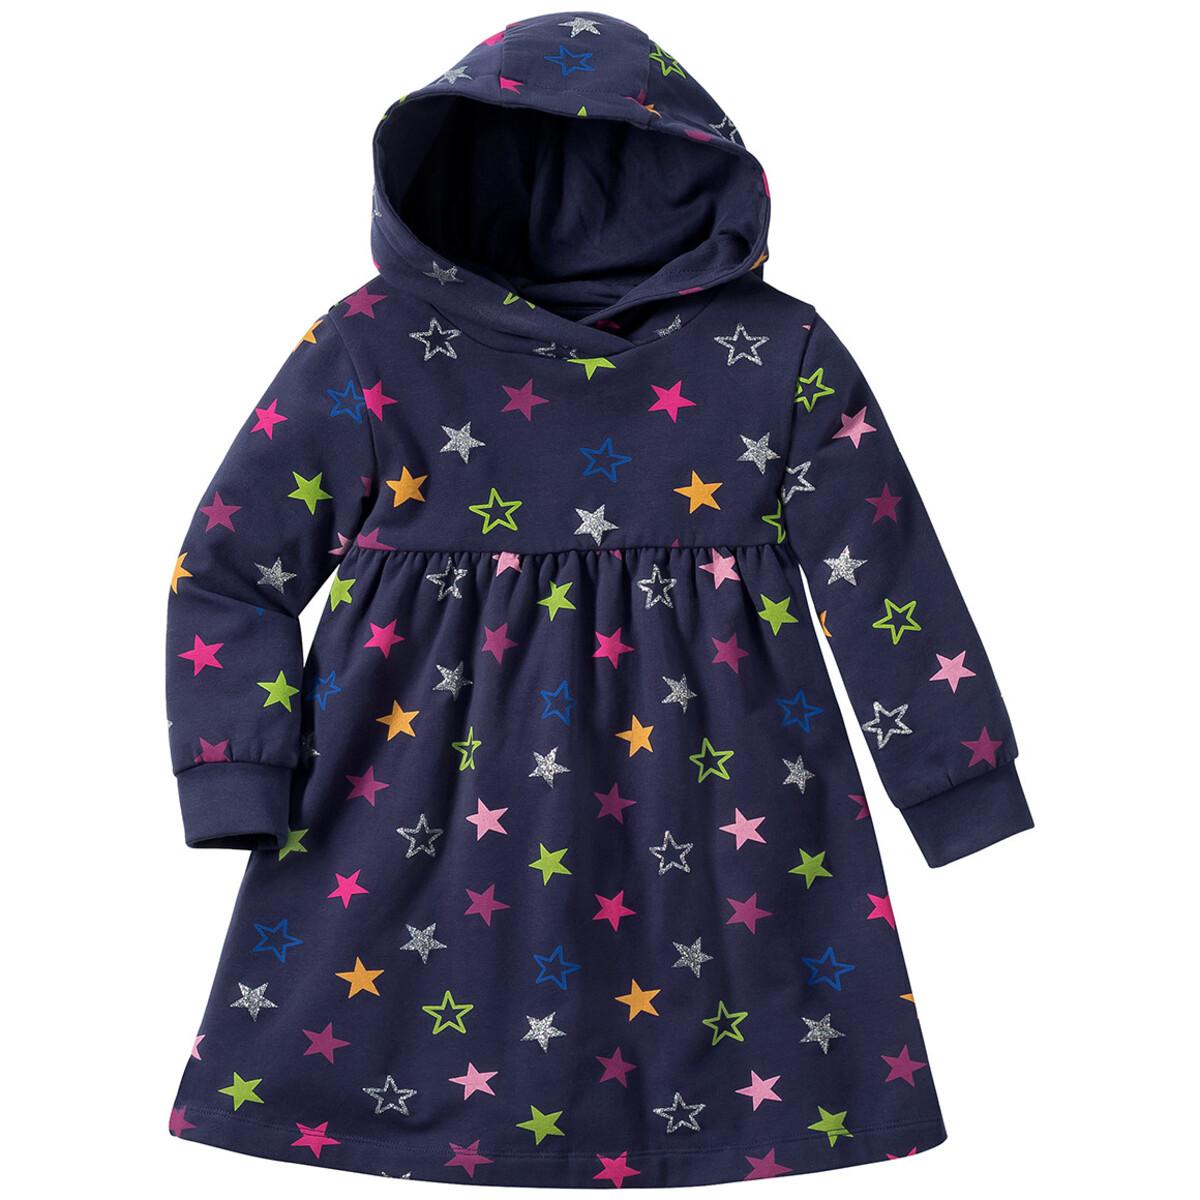 Bild 1 von Baby Sweatkleid mit bunten Sternen allover